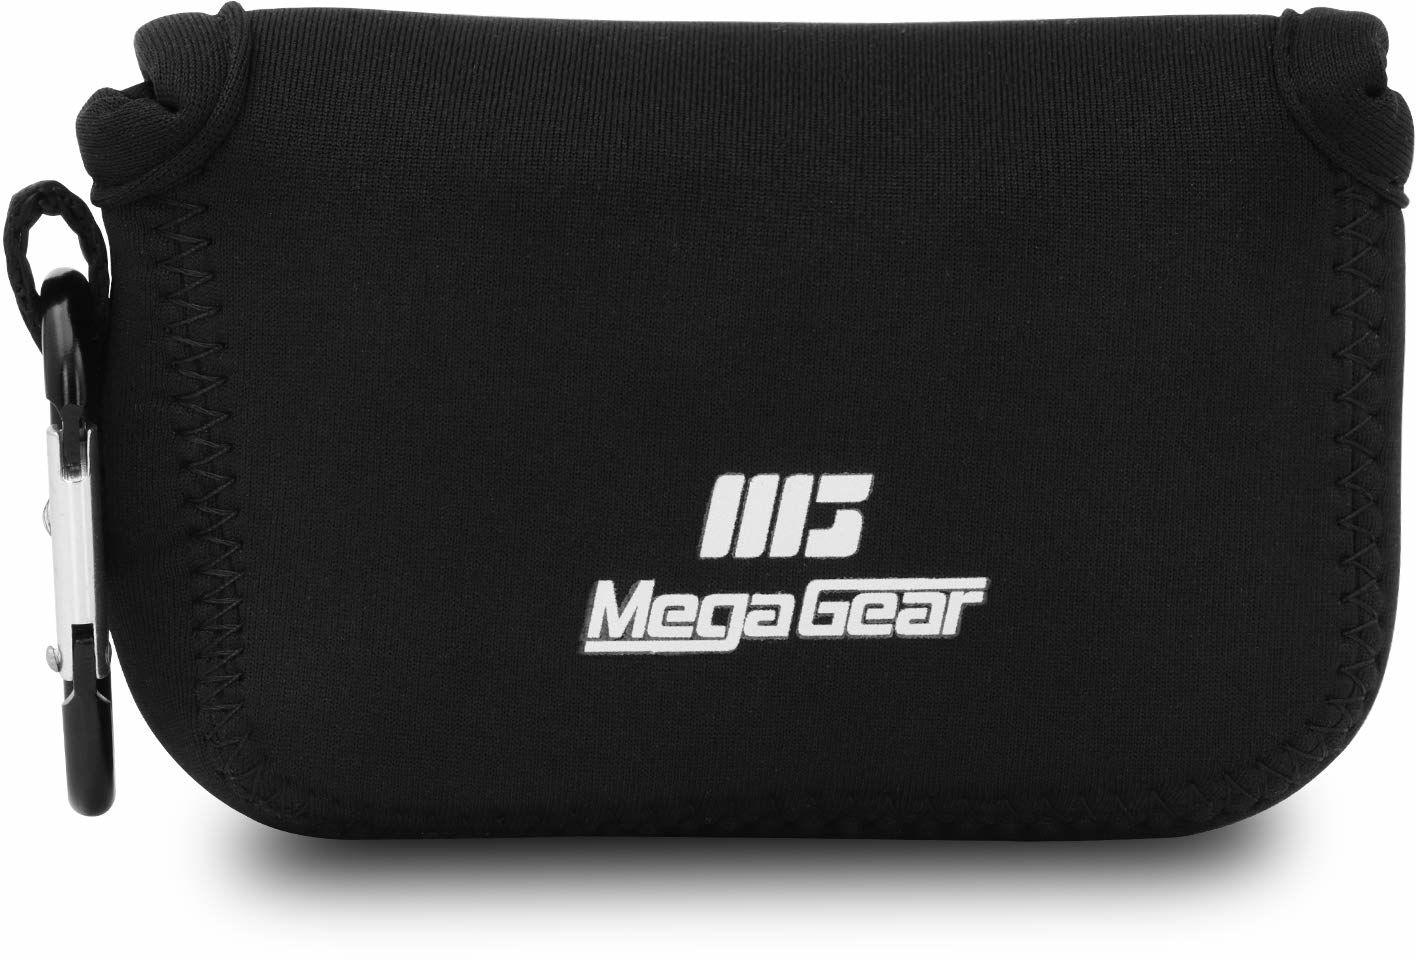 MegaGear ''Ultra Light'' neoprenowa obudowa na aparat torba z karabińczykiem do Canon PowerShot SX720 HS, SX610 HS, SX600 HS (czarna)